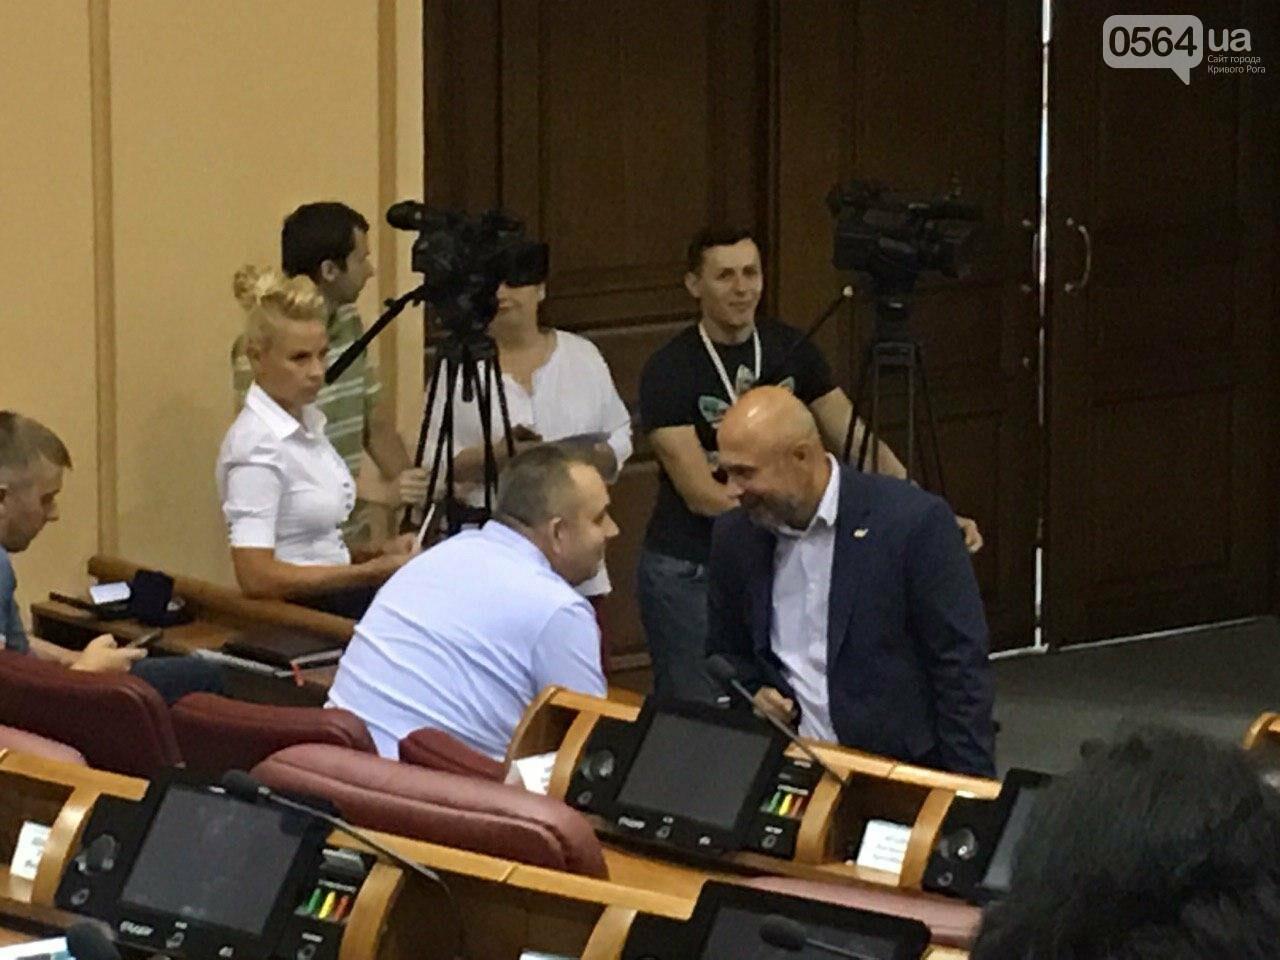 Депутат, который служит в зоне ООС, покинул фракцию Опоблока в Криворожском горсовете , - ФОТО, фото-11